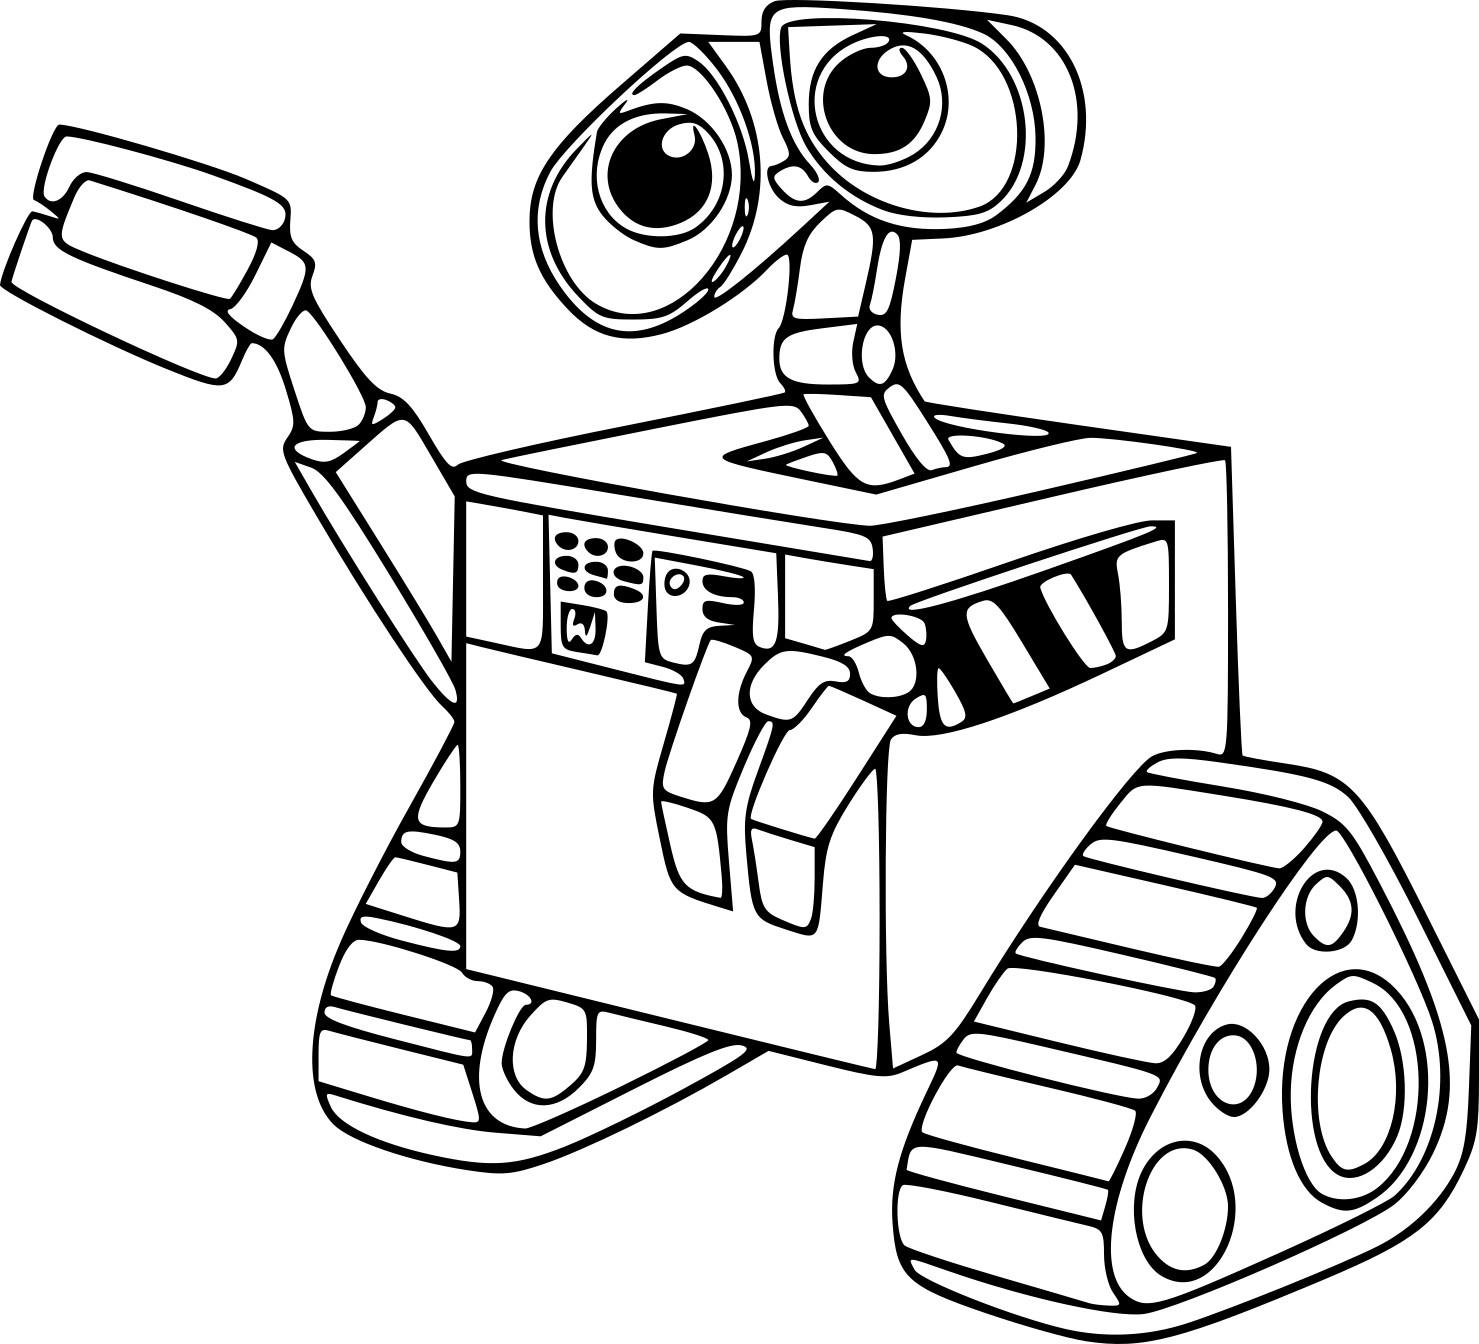 Coloriage Robot Wall-E À Imprimer Sur Coloriages pour Coloriage Robot À Imprimer